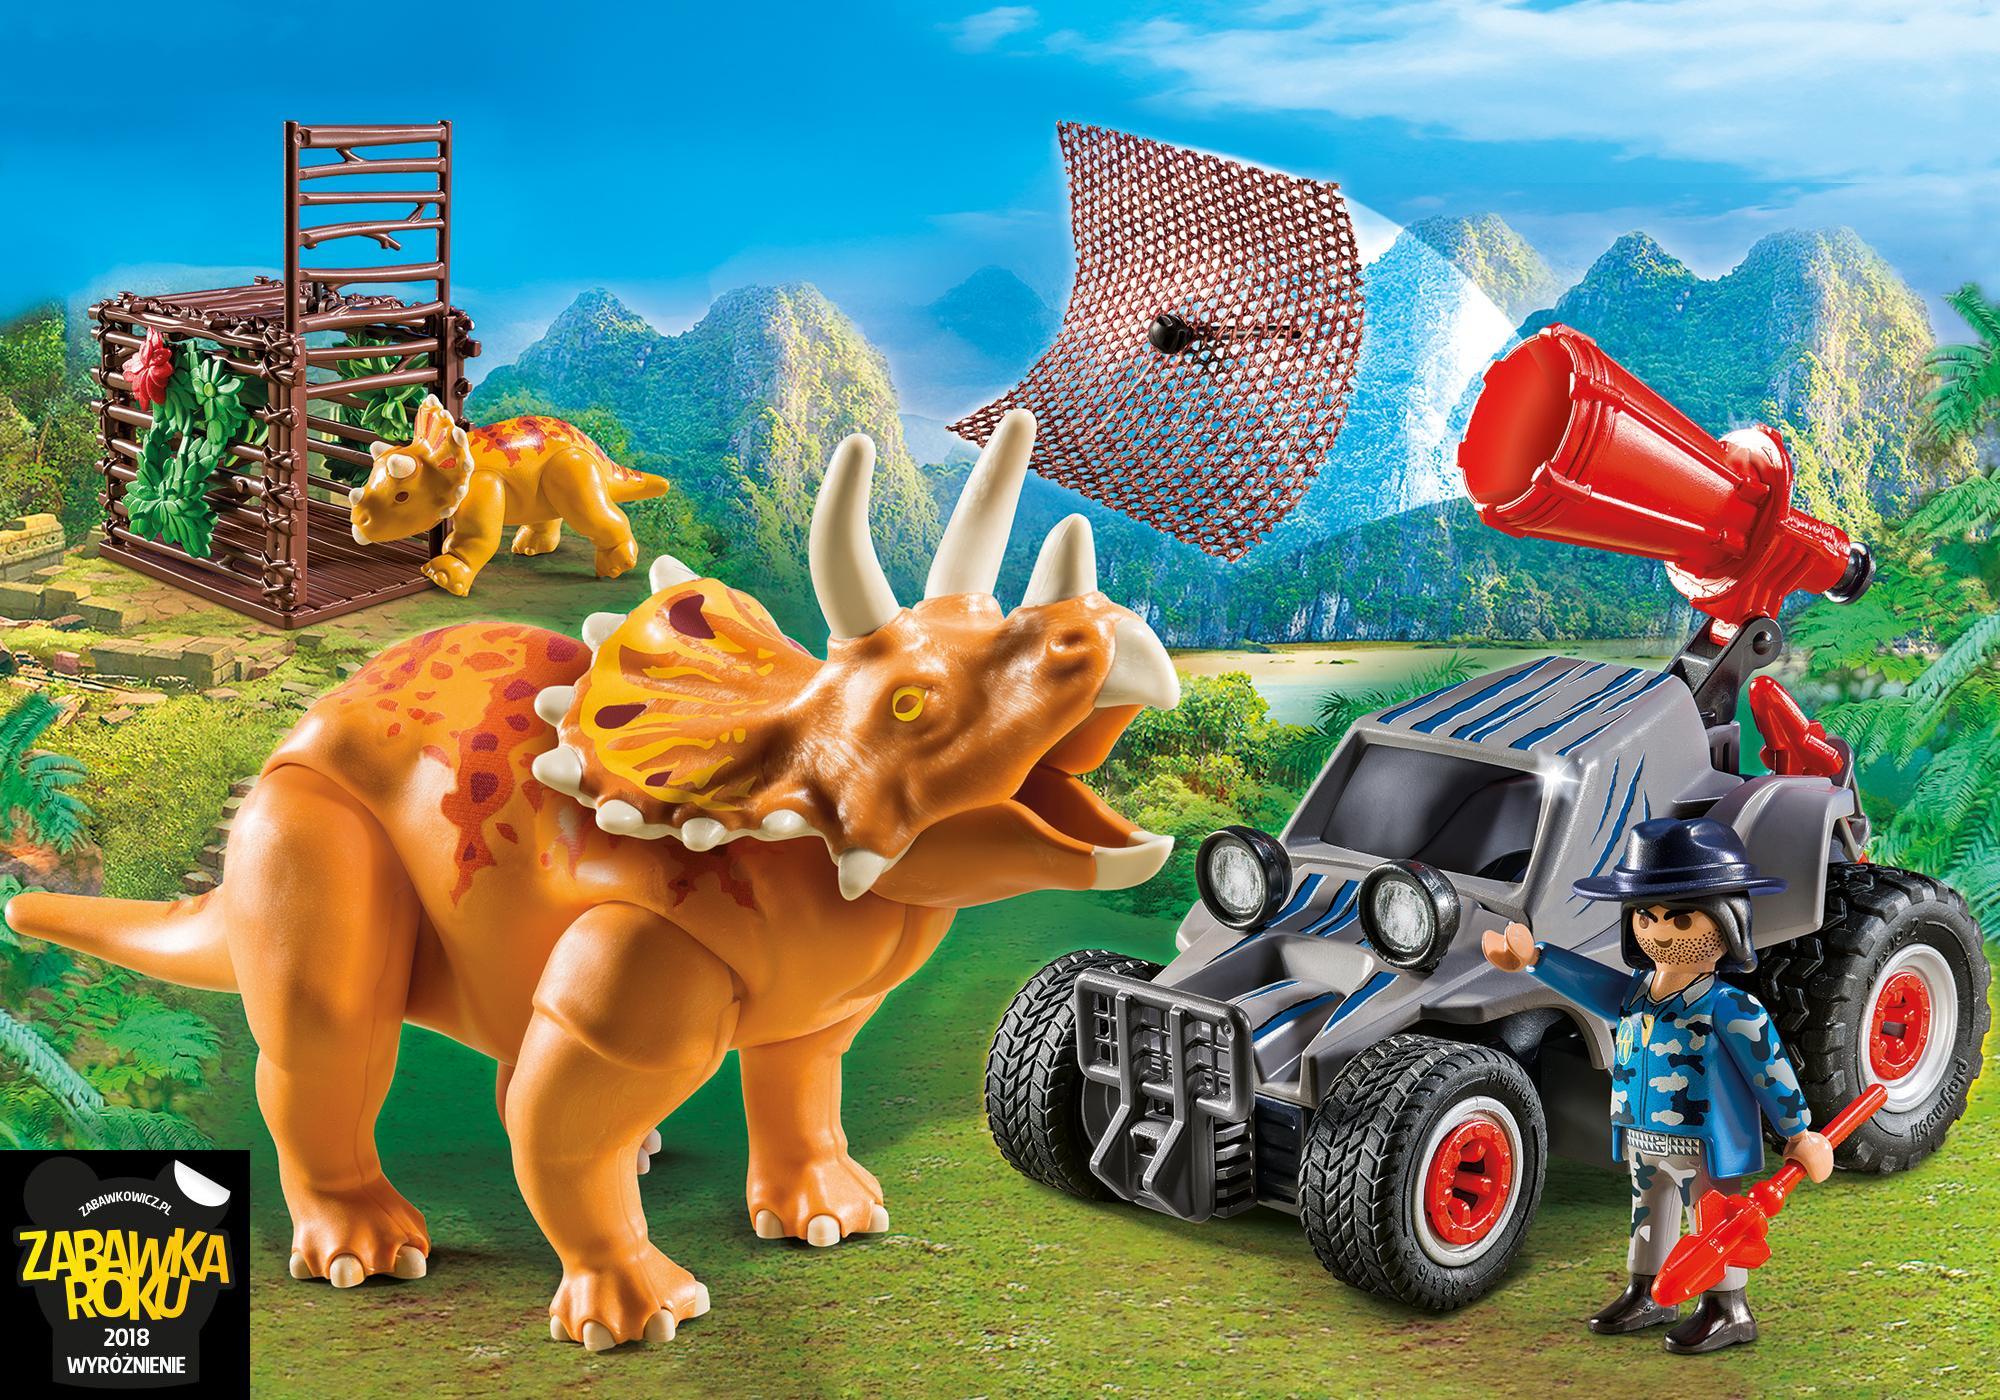 http://media.playmobil.com/i/playmobil/9434_product_detail/Samochód terenowy z działającą wyrzutnią sieci